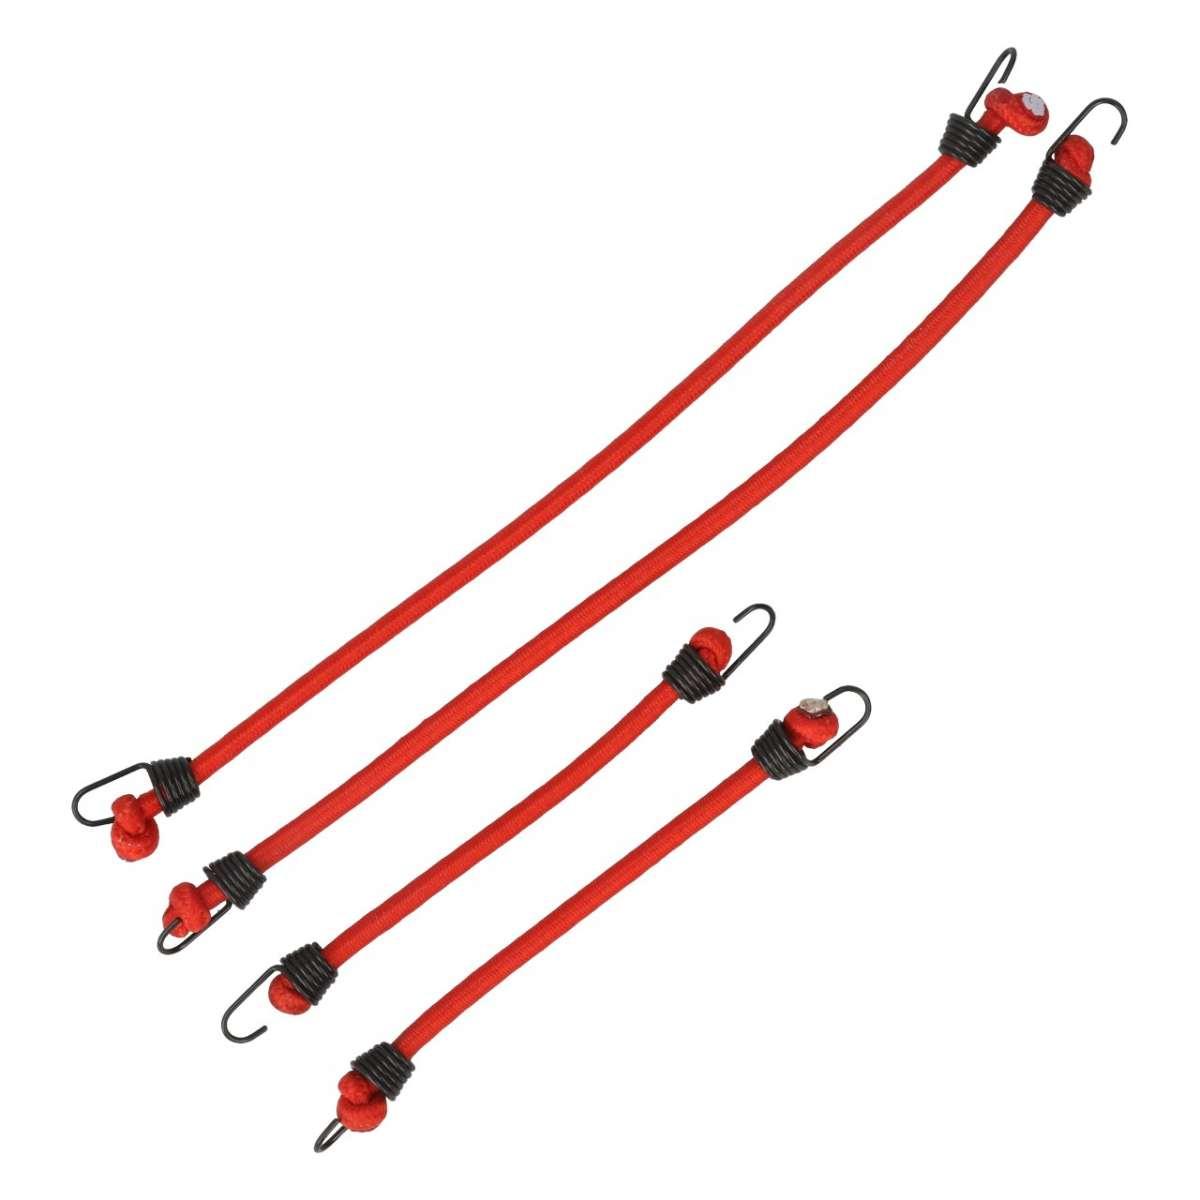 ROBITRONIC Tendeurs elastiques 4 pièces Rouge, R21003R